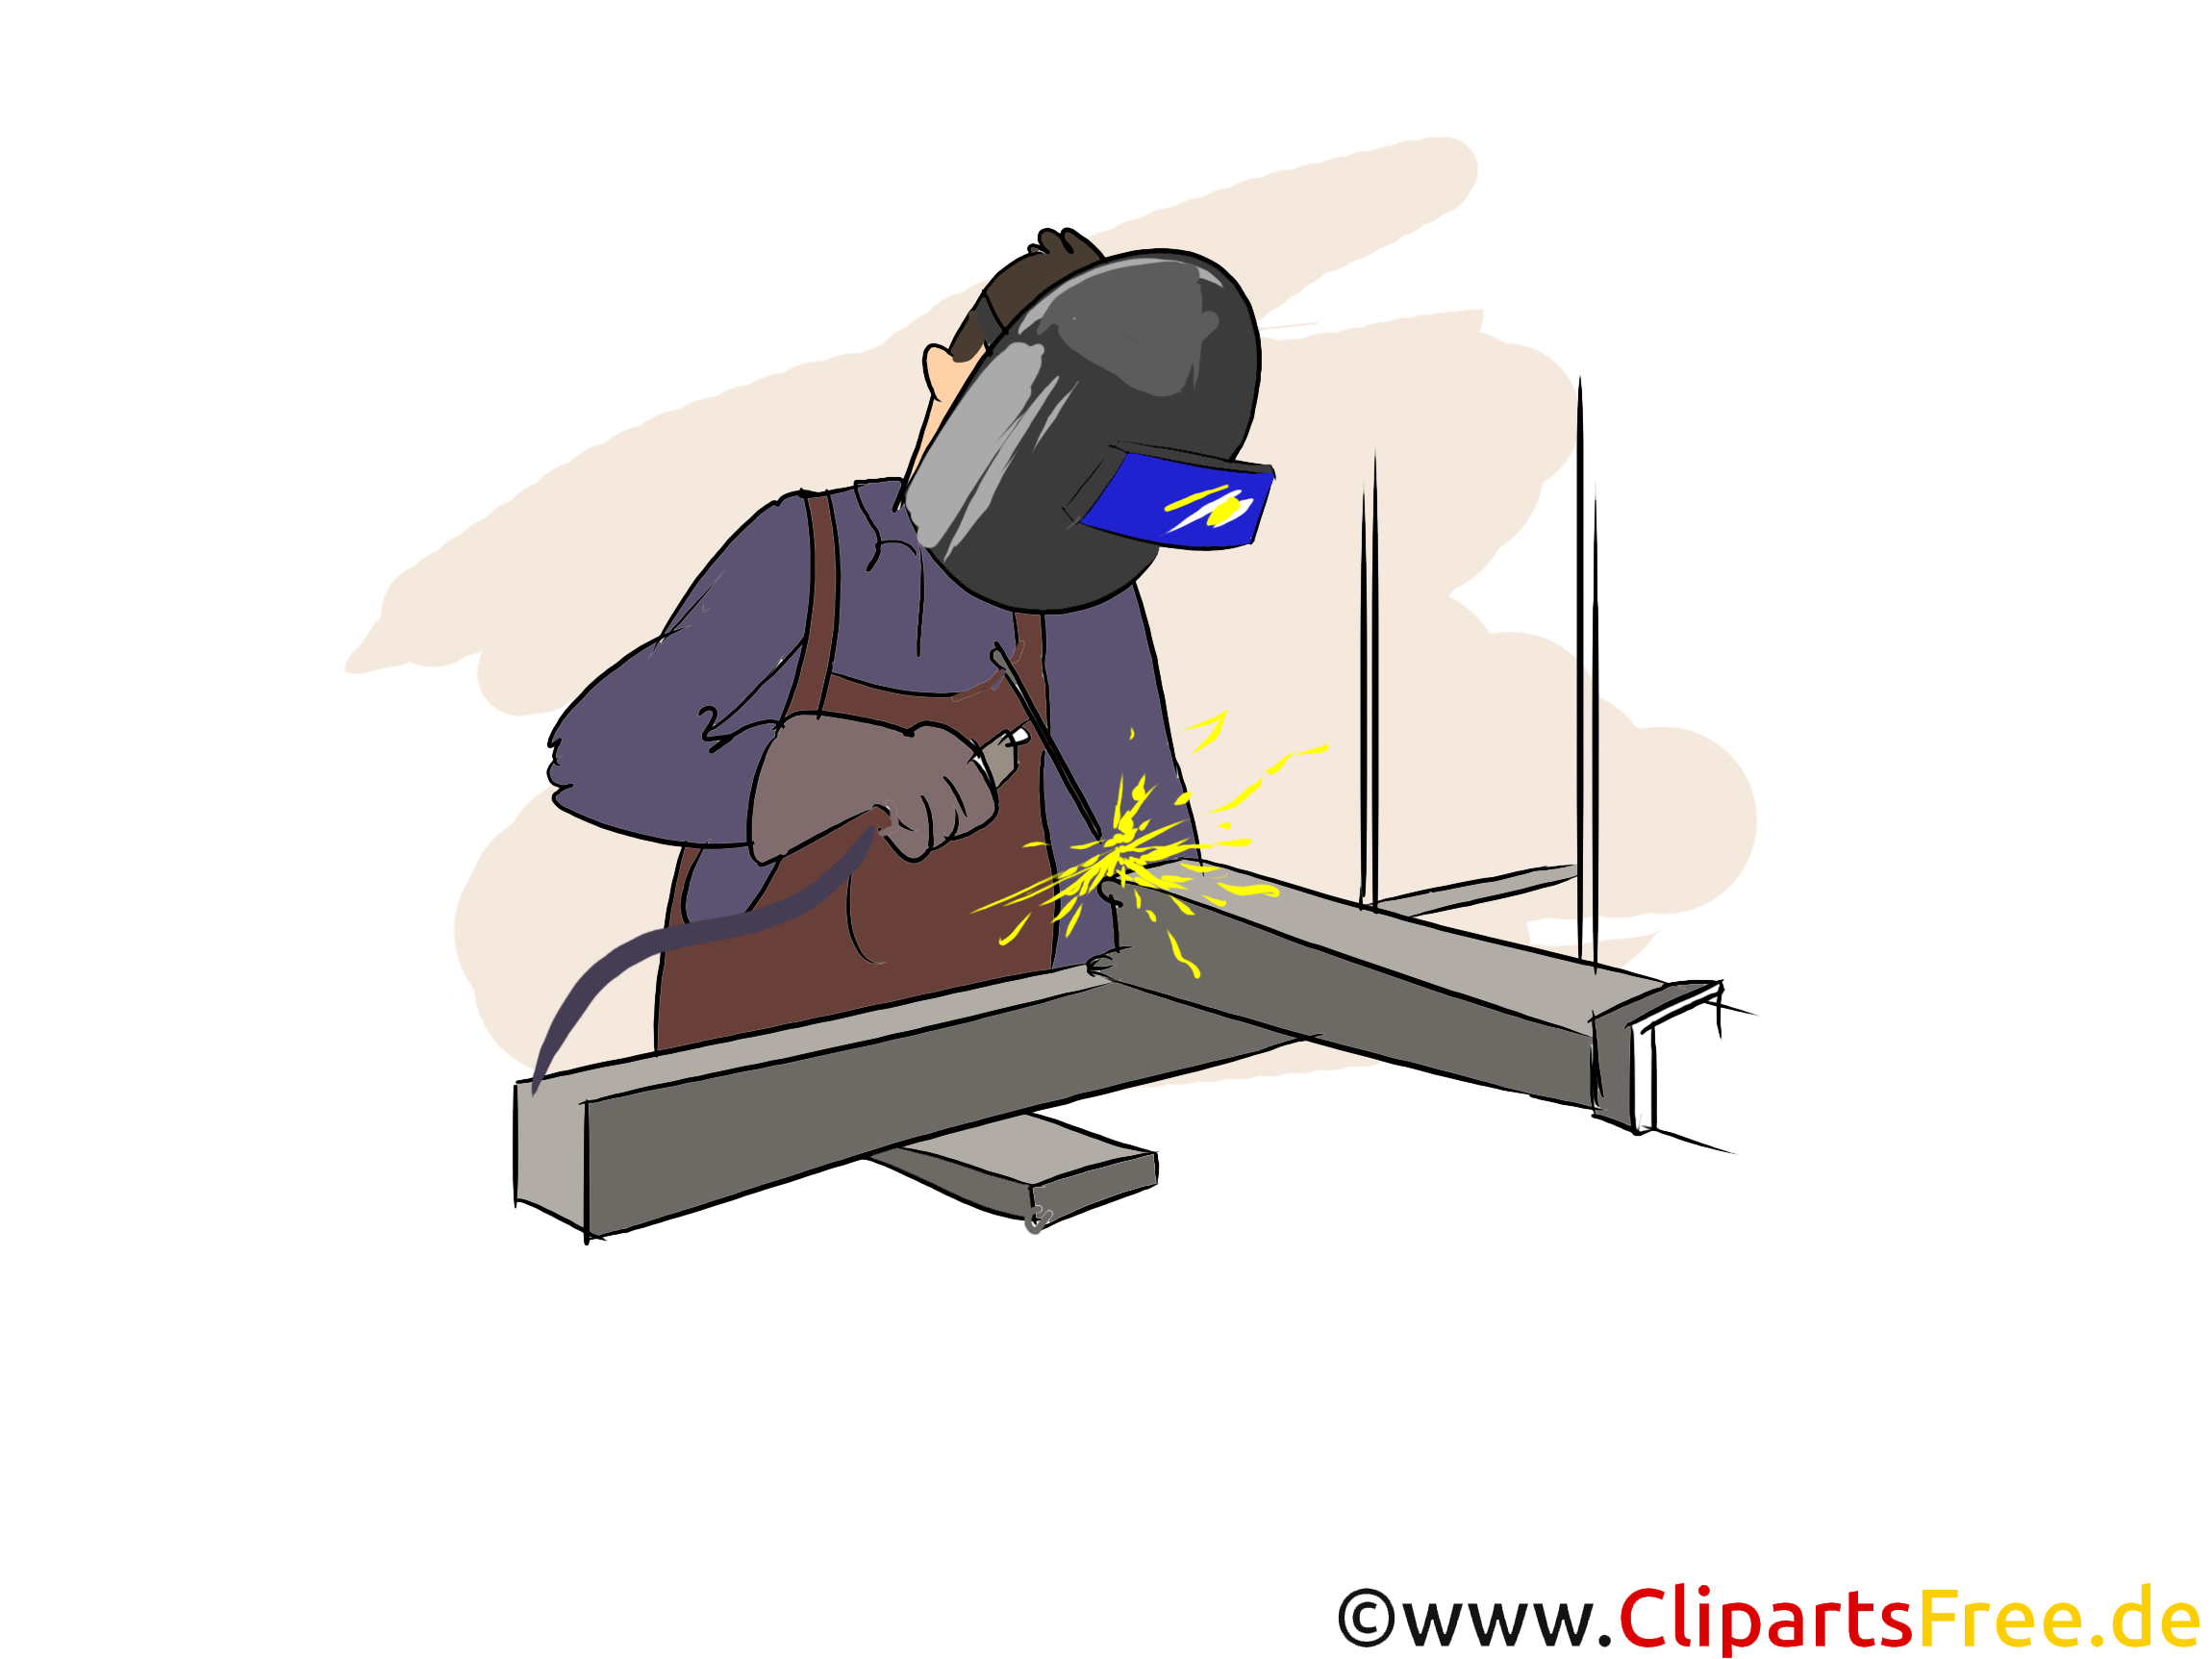 Konstruktionsmechaniker  Schweißtechnik Clipart, Bild, Grafik zum Thema Ausbildungsberufe